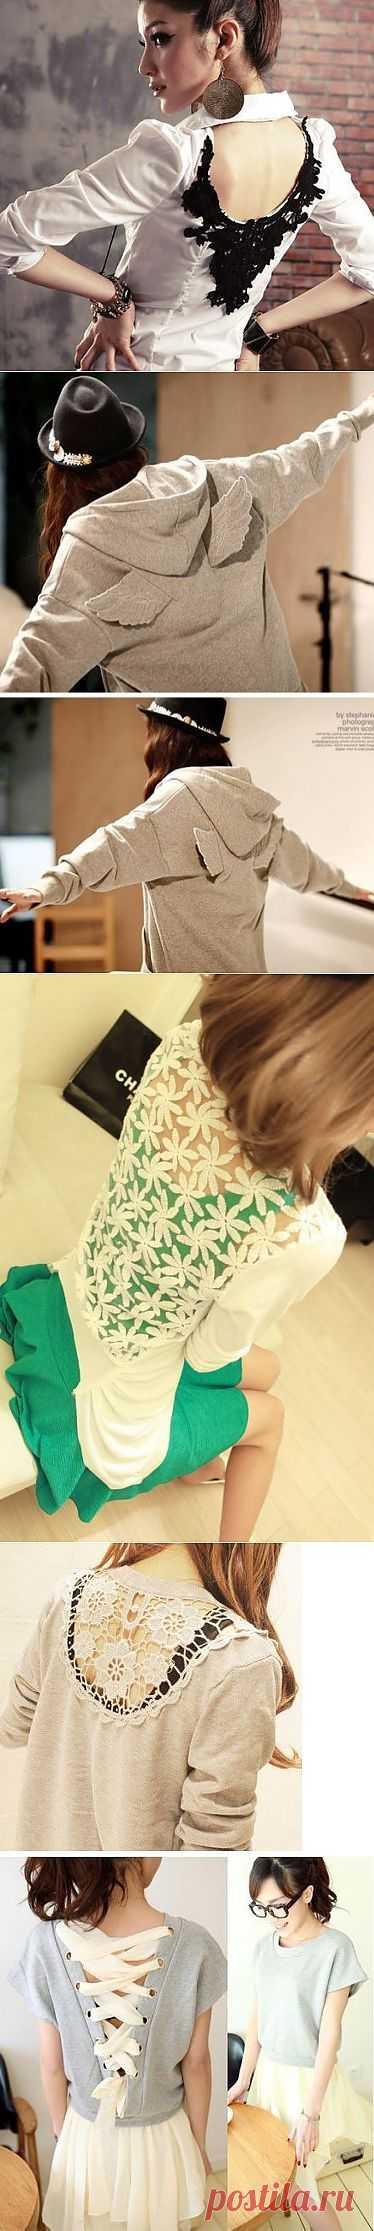 Декор спины (подборка) / Декор спины / Модный сайт о стильной переделке одежды и интерьера